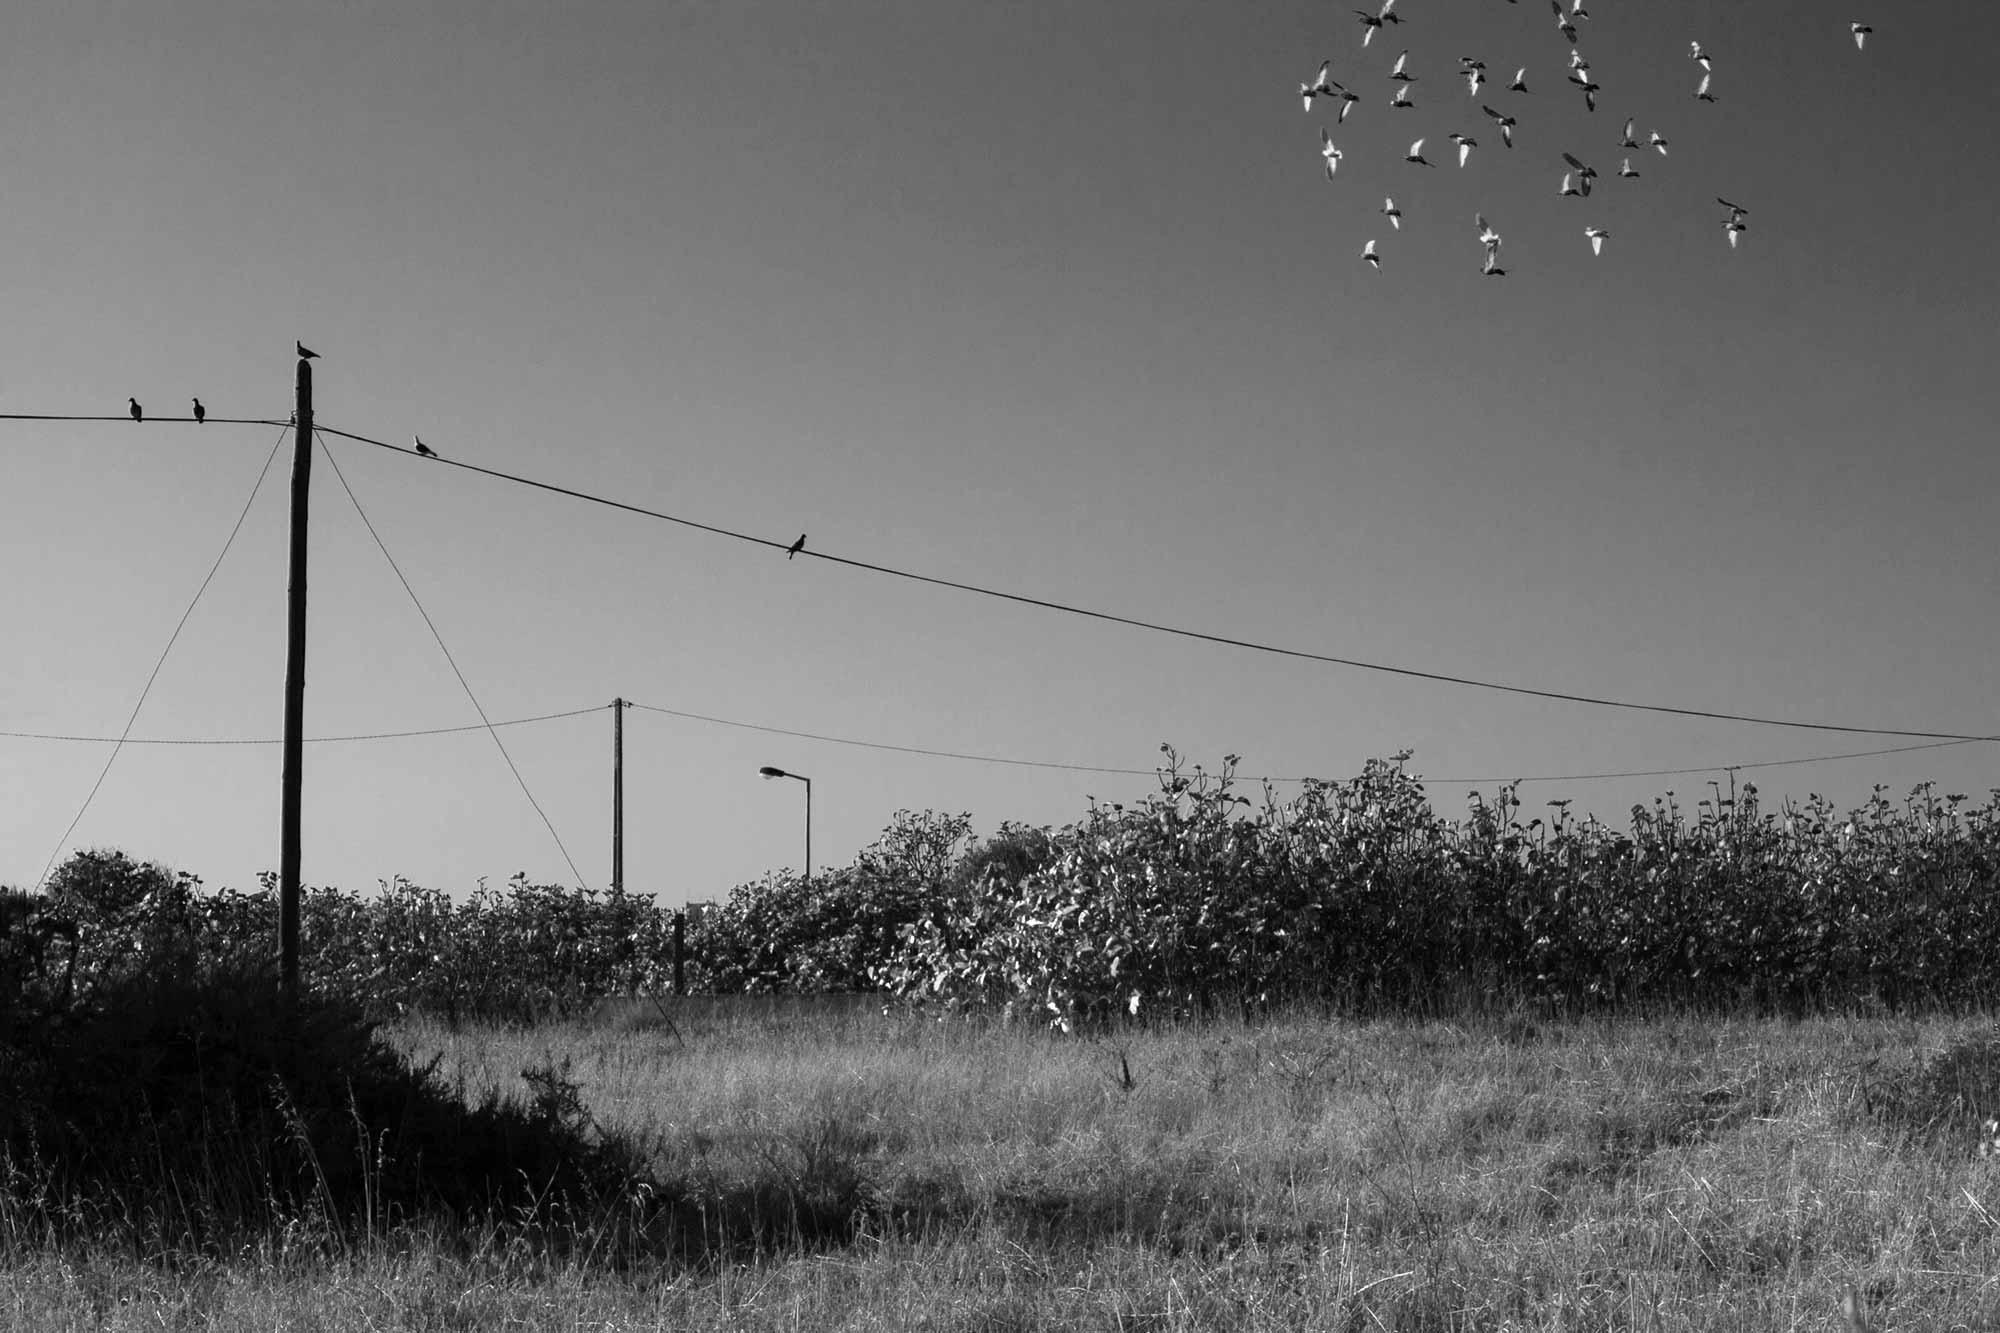 Vögel auf Stromleitung und in der Luft, Algarve